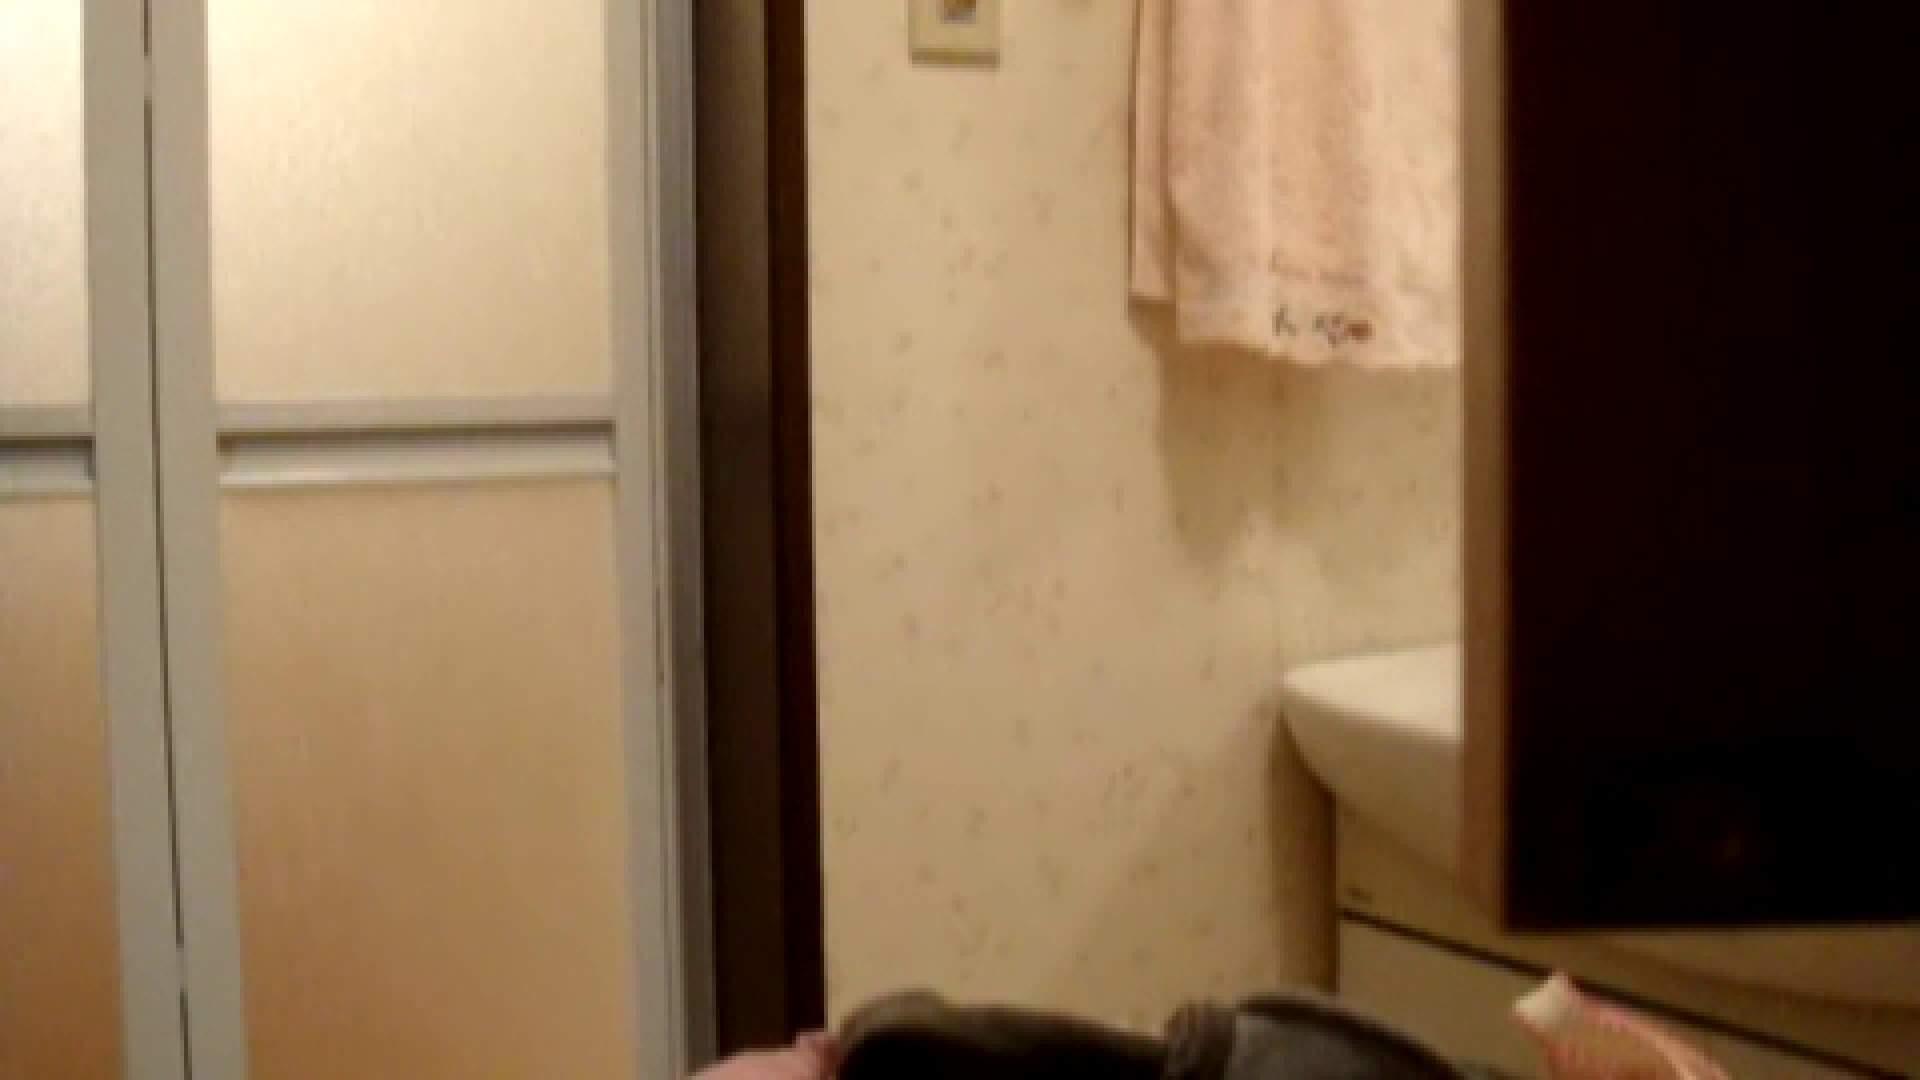 二人とも育てた甲斐がありました… vol.08 まどかの入浴中にカメラに気付いたか!? 入浴 | HなOL  50pic 47